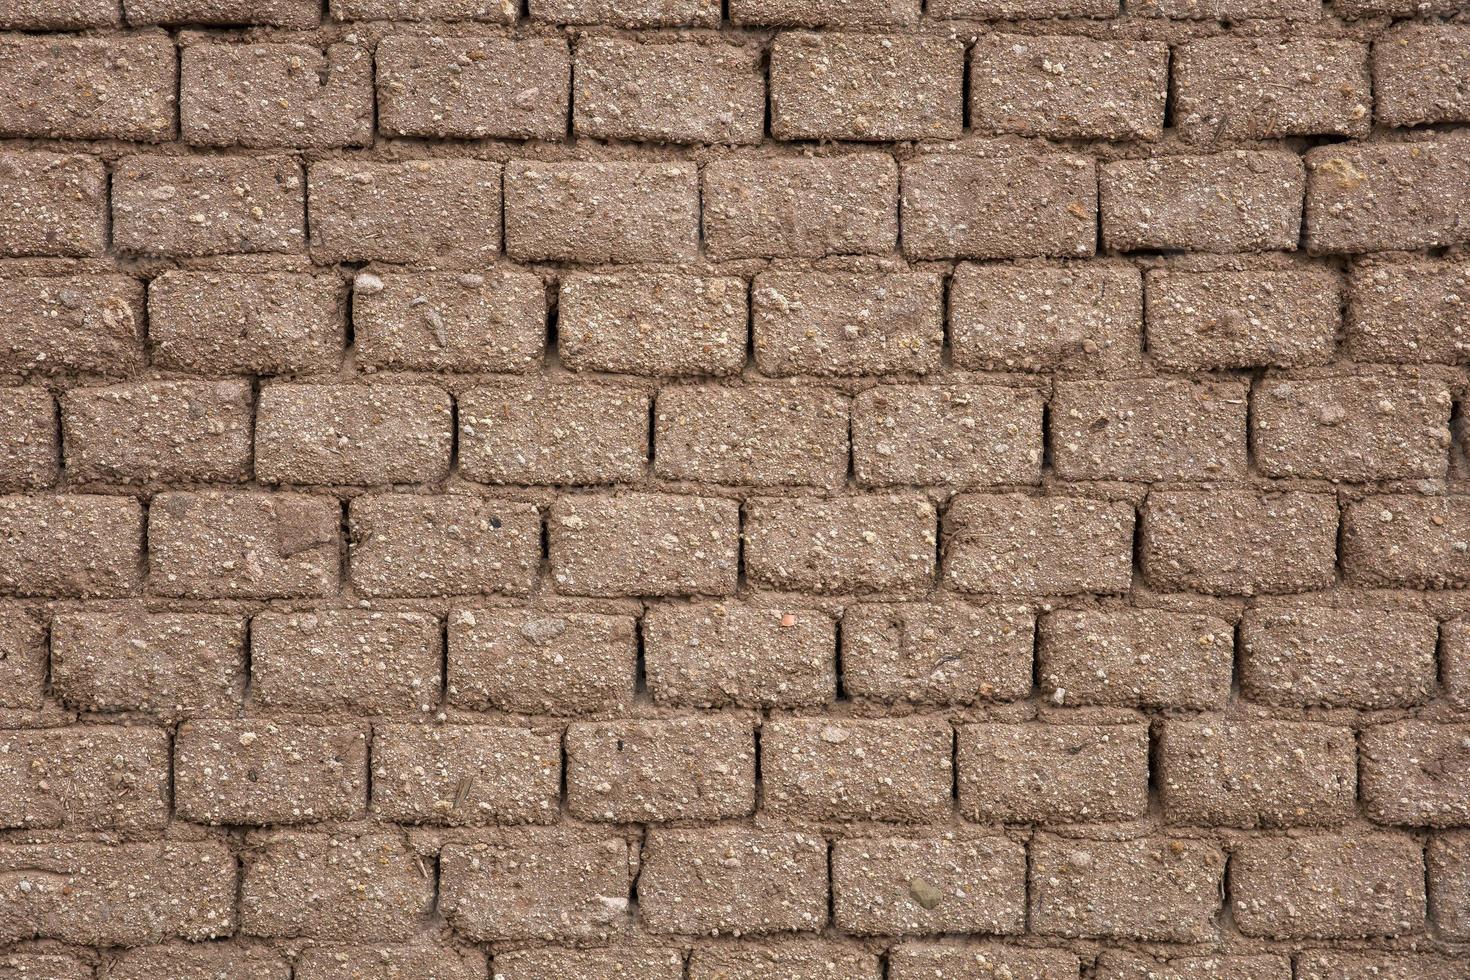 détail de l'ancien mur de briques photo